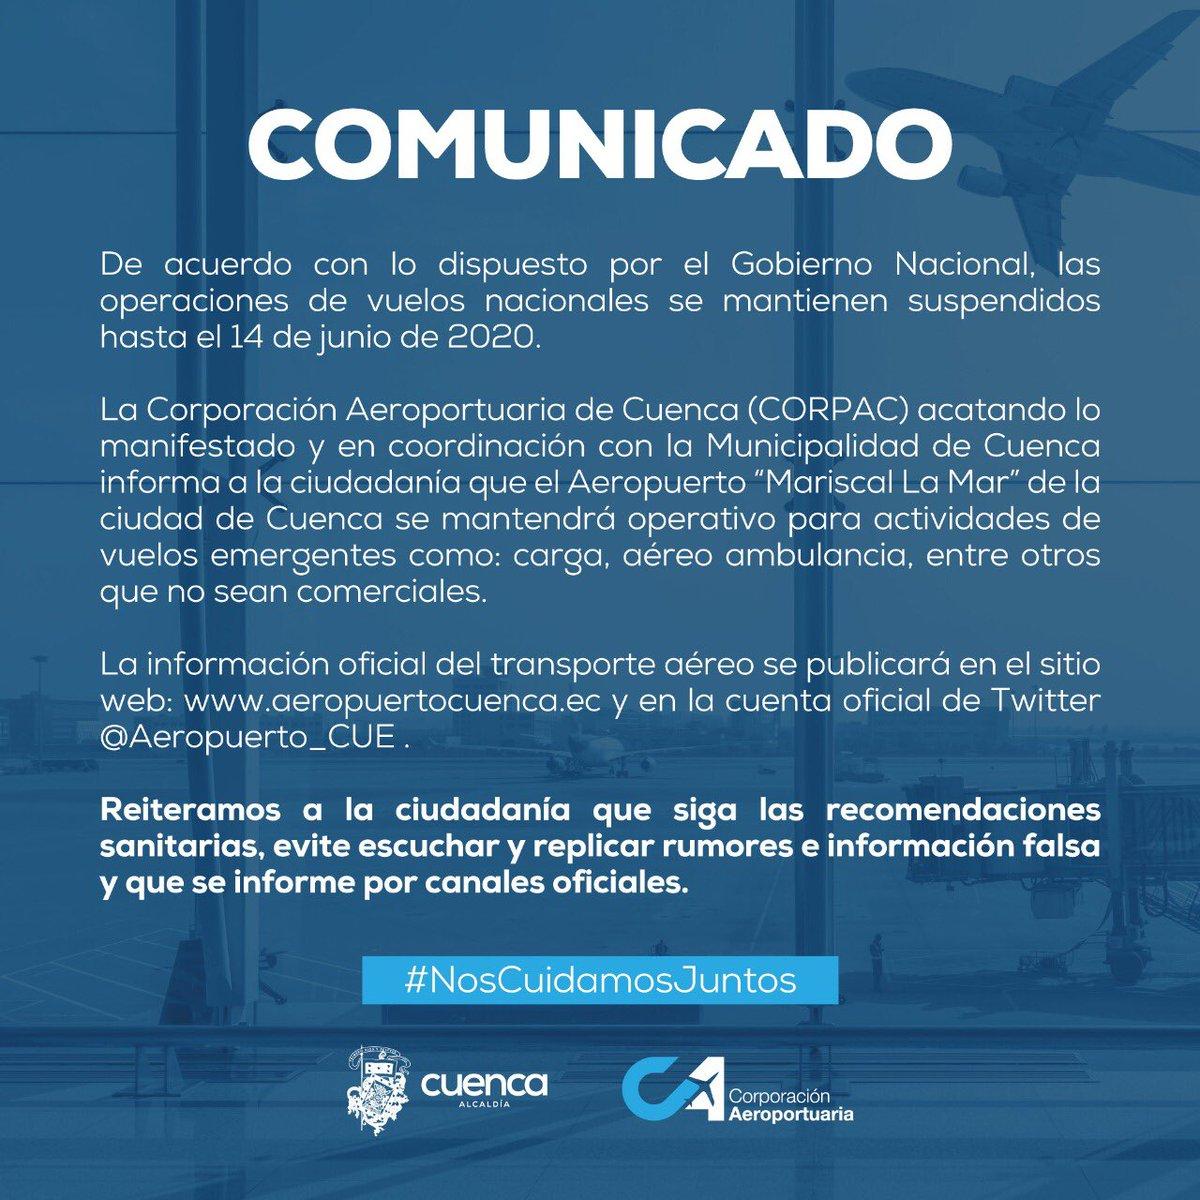 Recordamos a nuestros usuarios que los vuelos comerciales se mantienen suspendidos hasta el 14 de junio. Nos preparamos para recibirte.  #Corpac  ✈️#CuencaUnida https://t.co/xNbEmi67zM